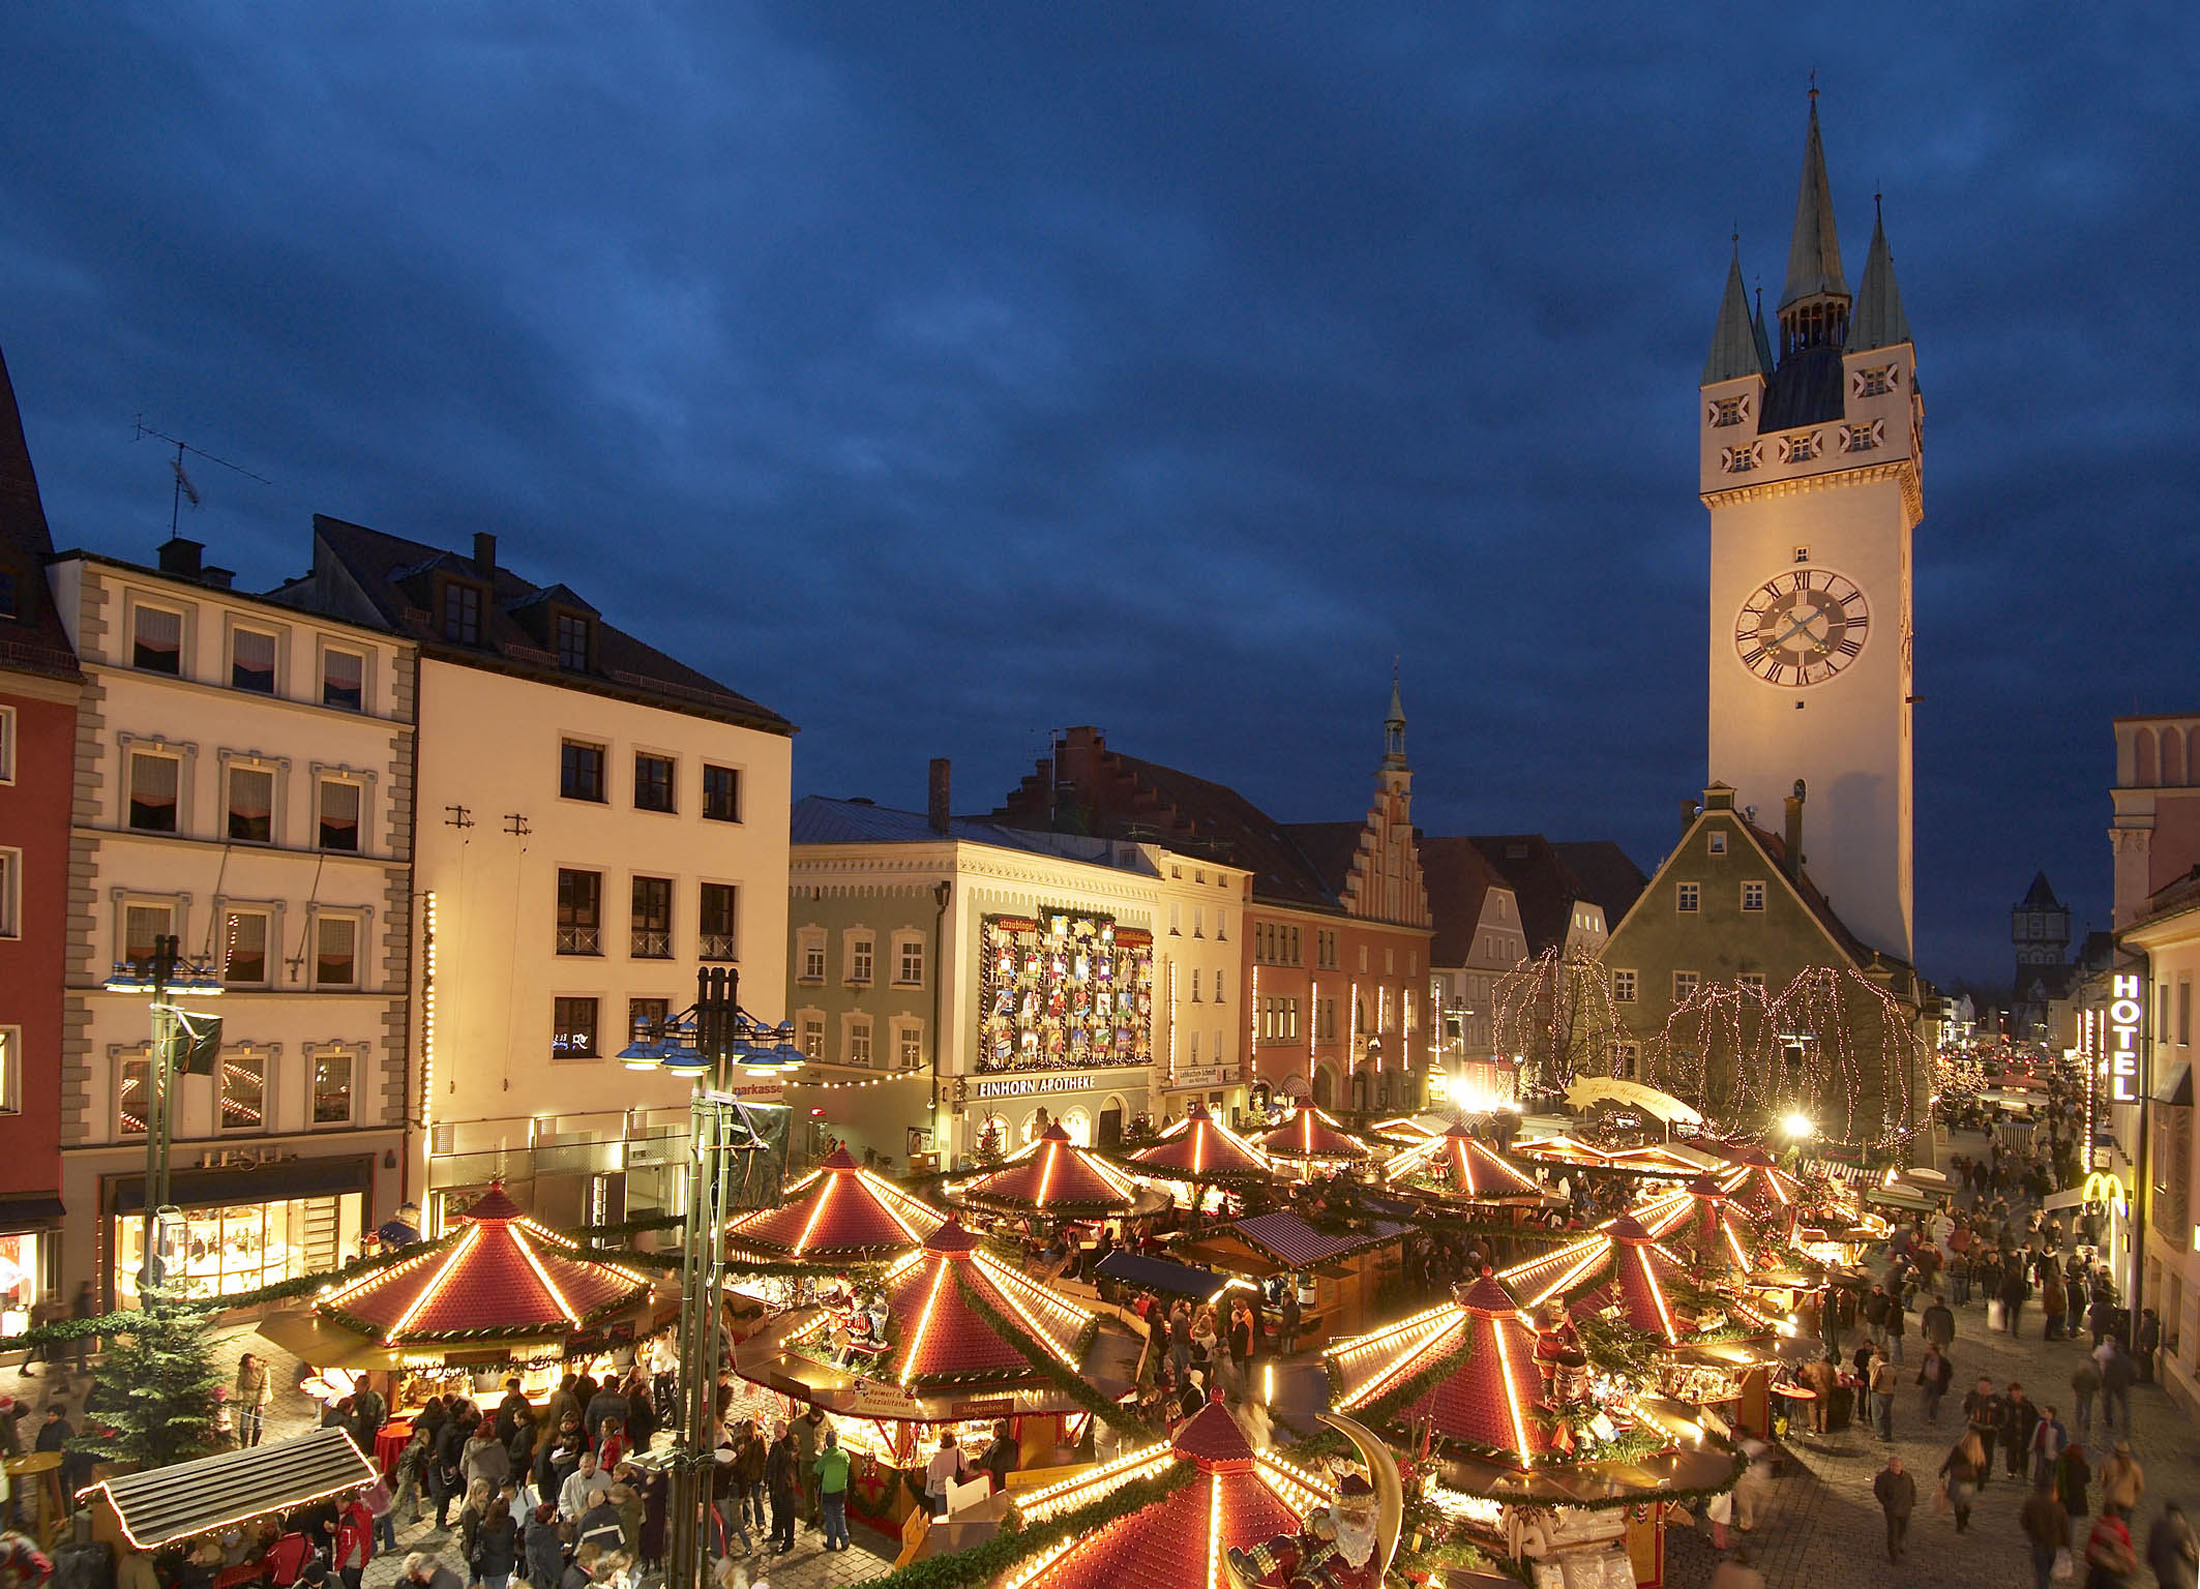 Christmas Market in Straubing - Straubinger Christkindlmarkt